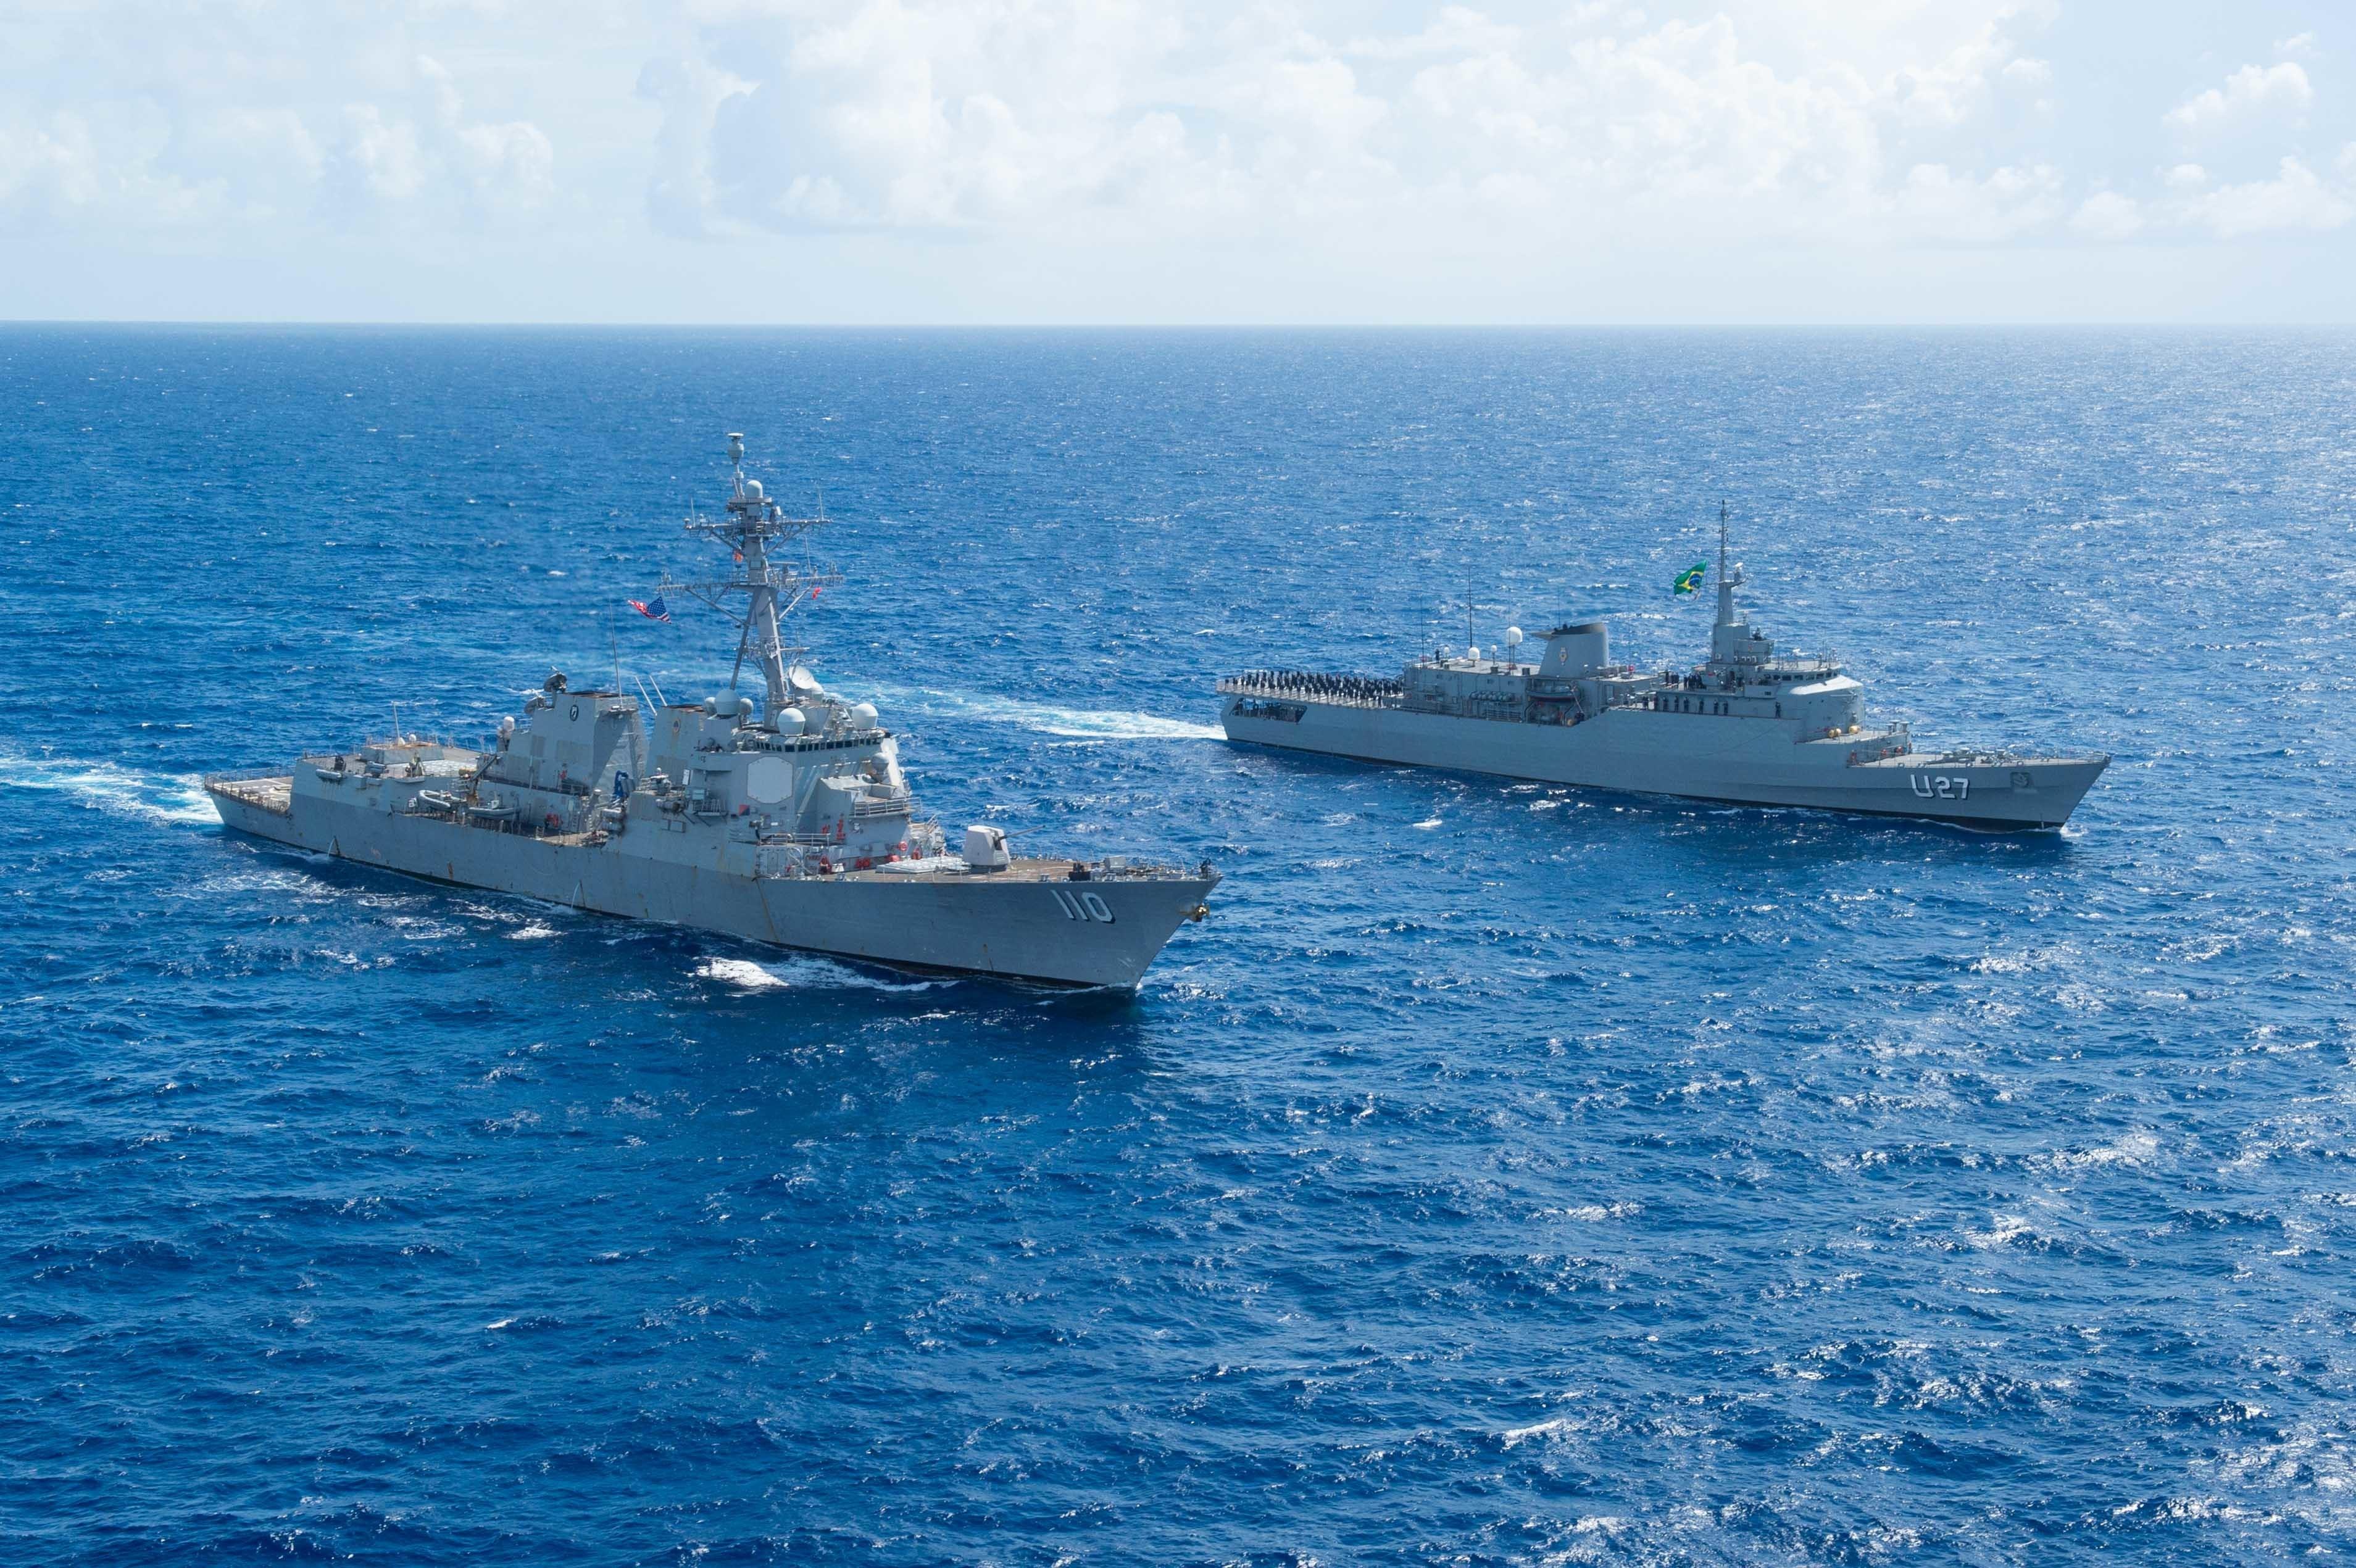 Marina de Brasil realiza ejercicio PASSEX y otras actividades con la Marina de los EE. UU.